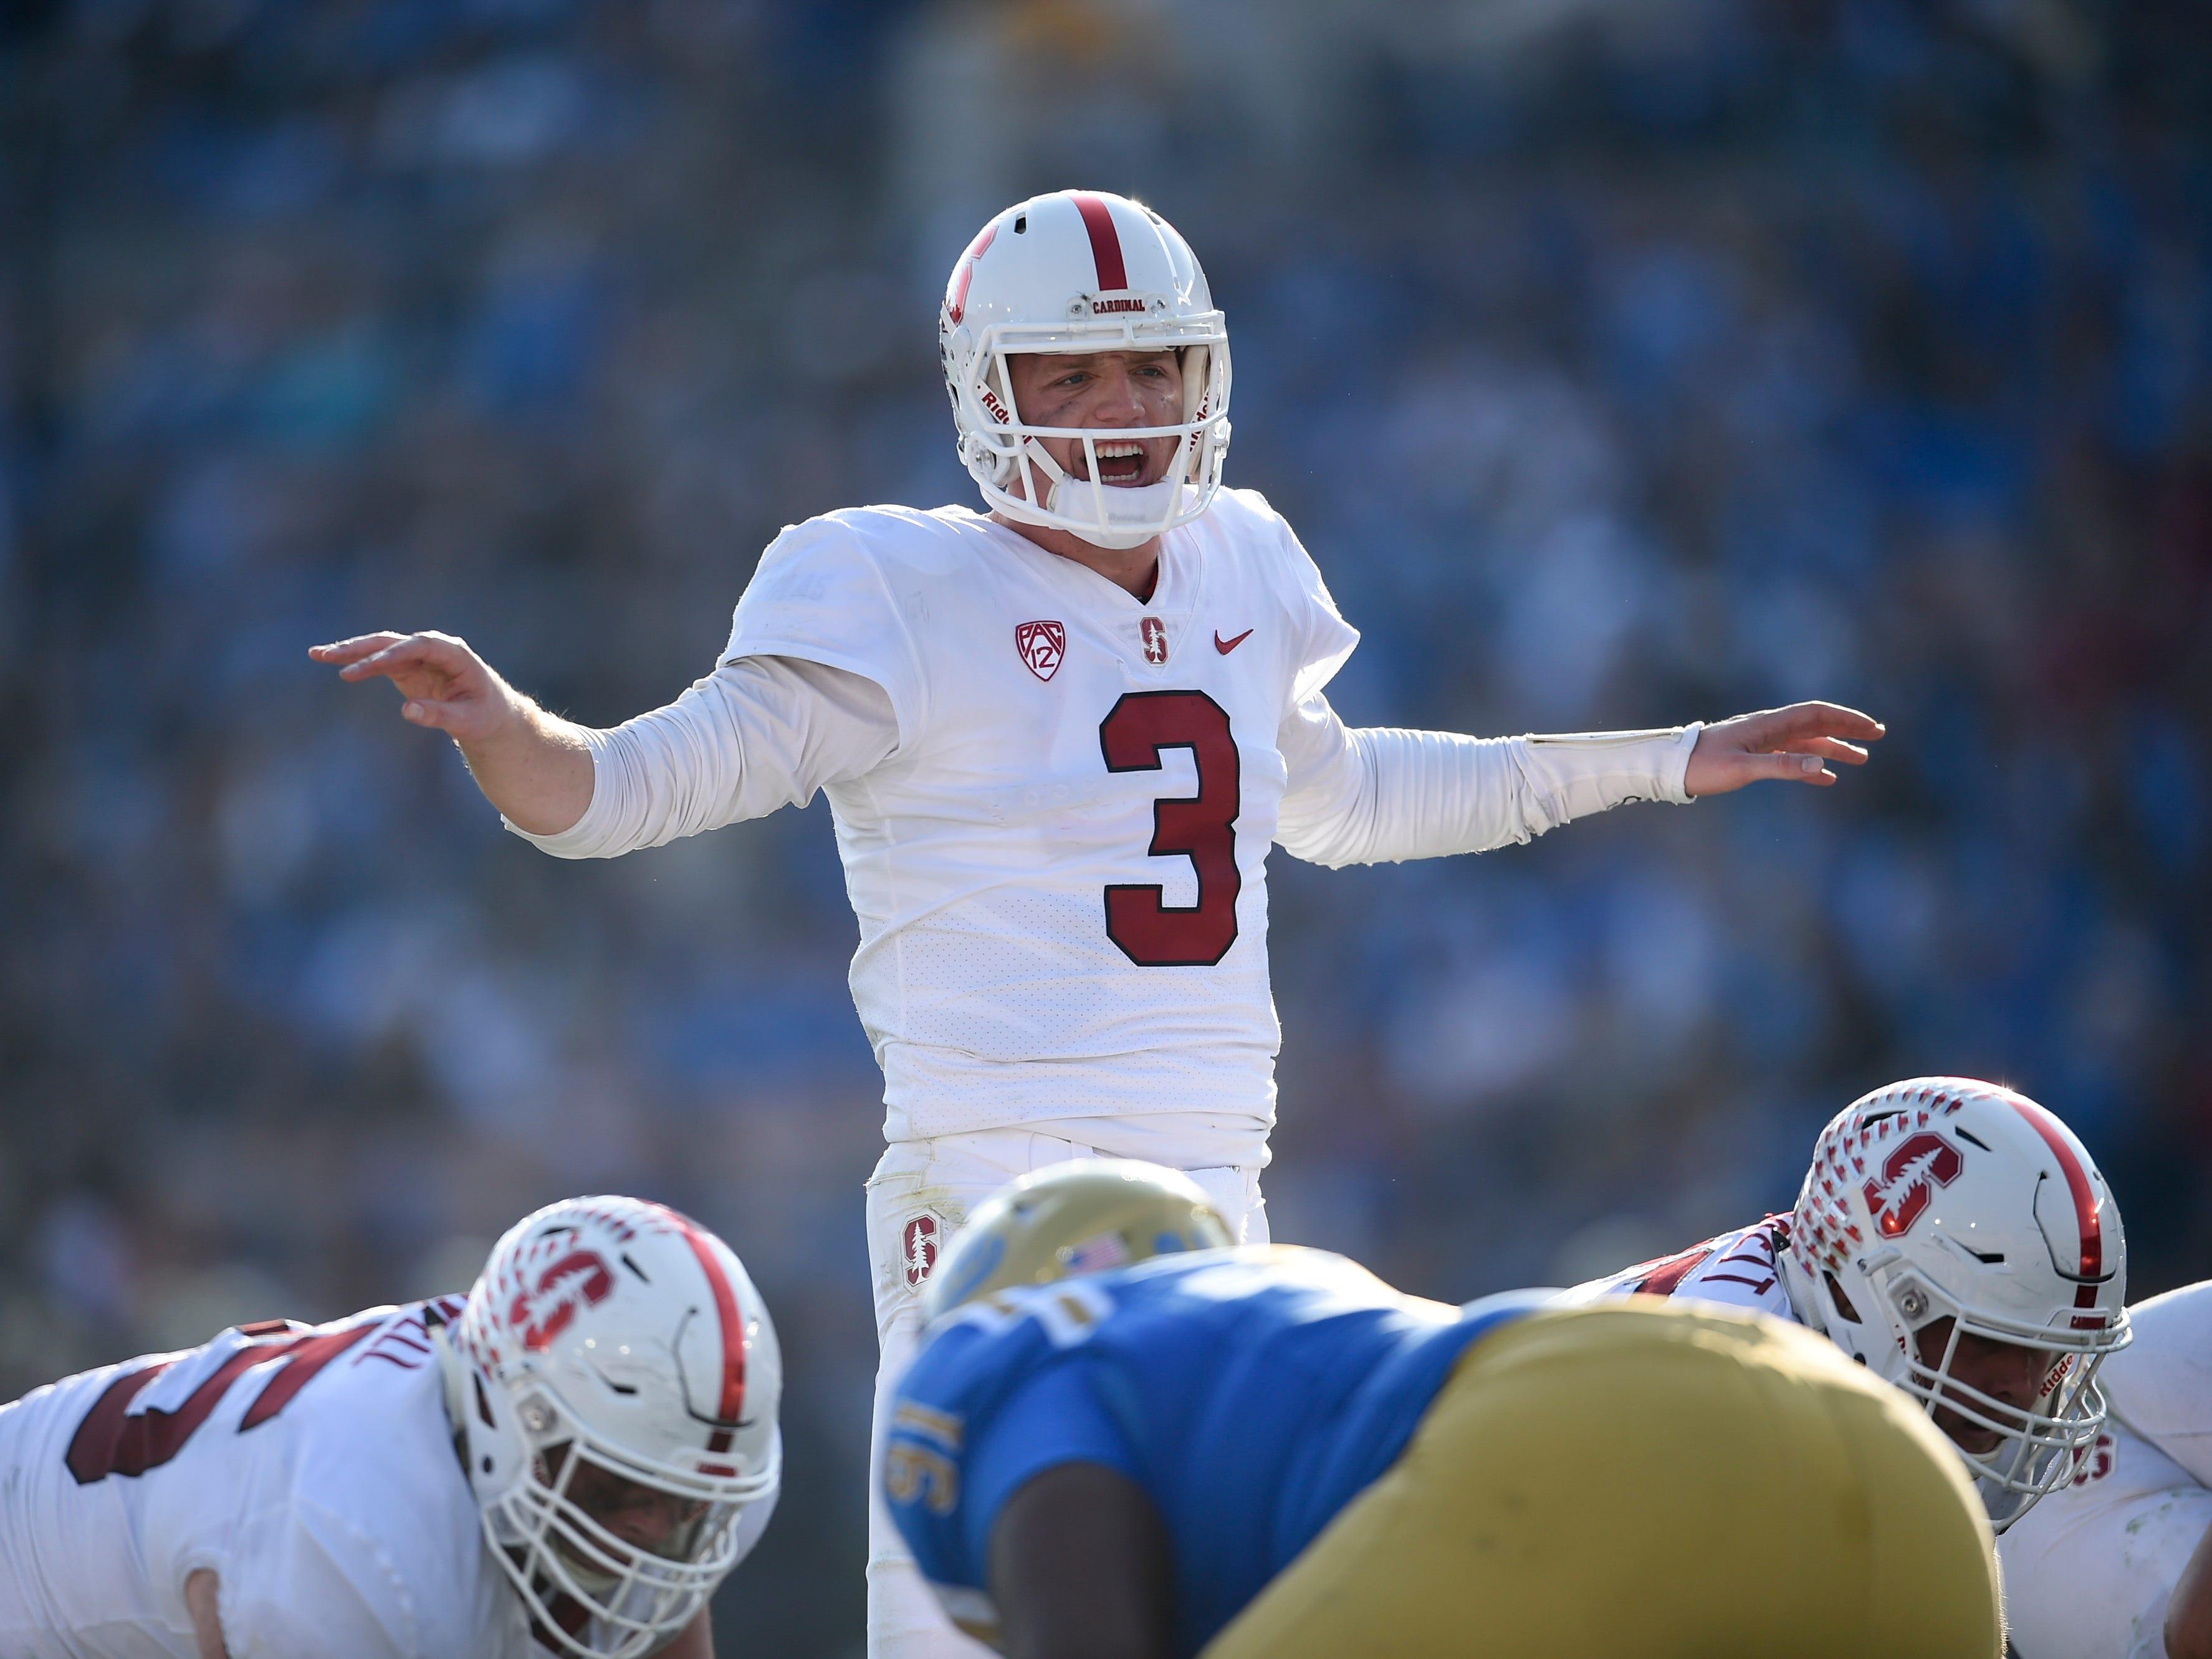 18. Stanford